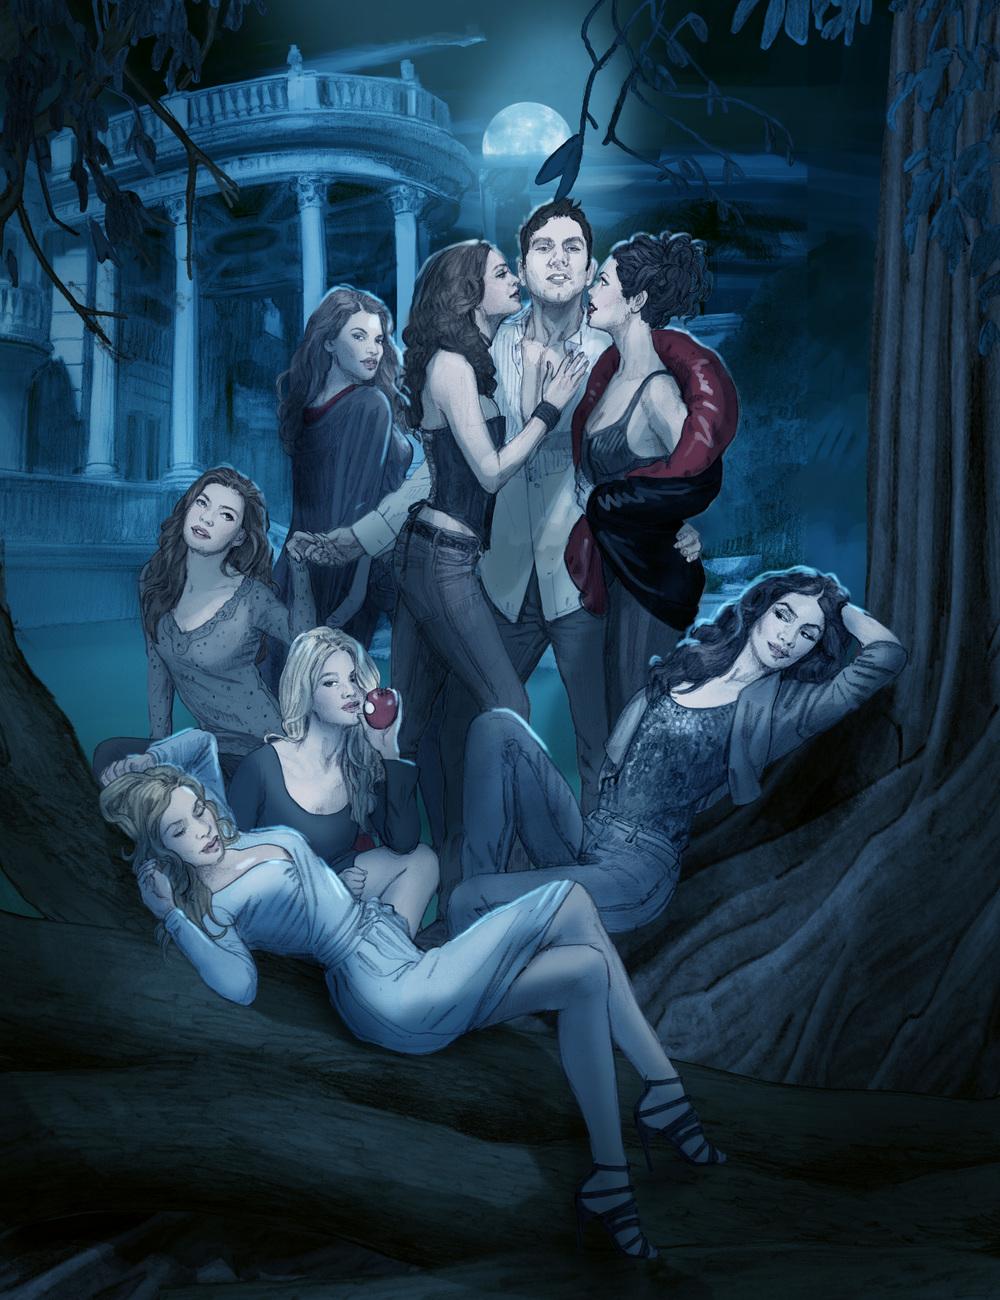 vampirescene_revision.jpg